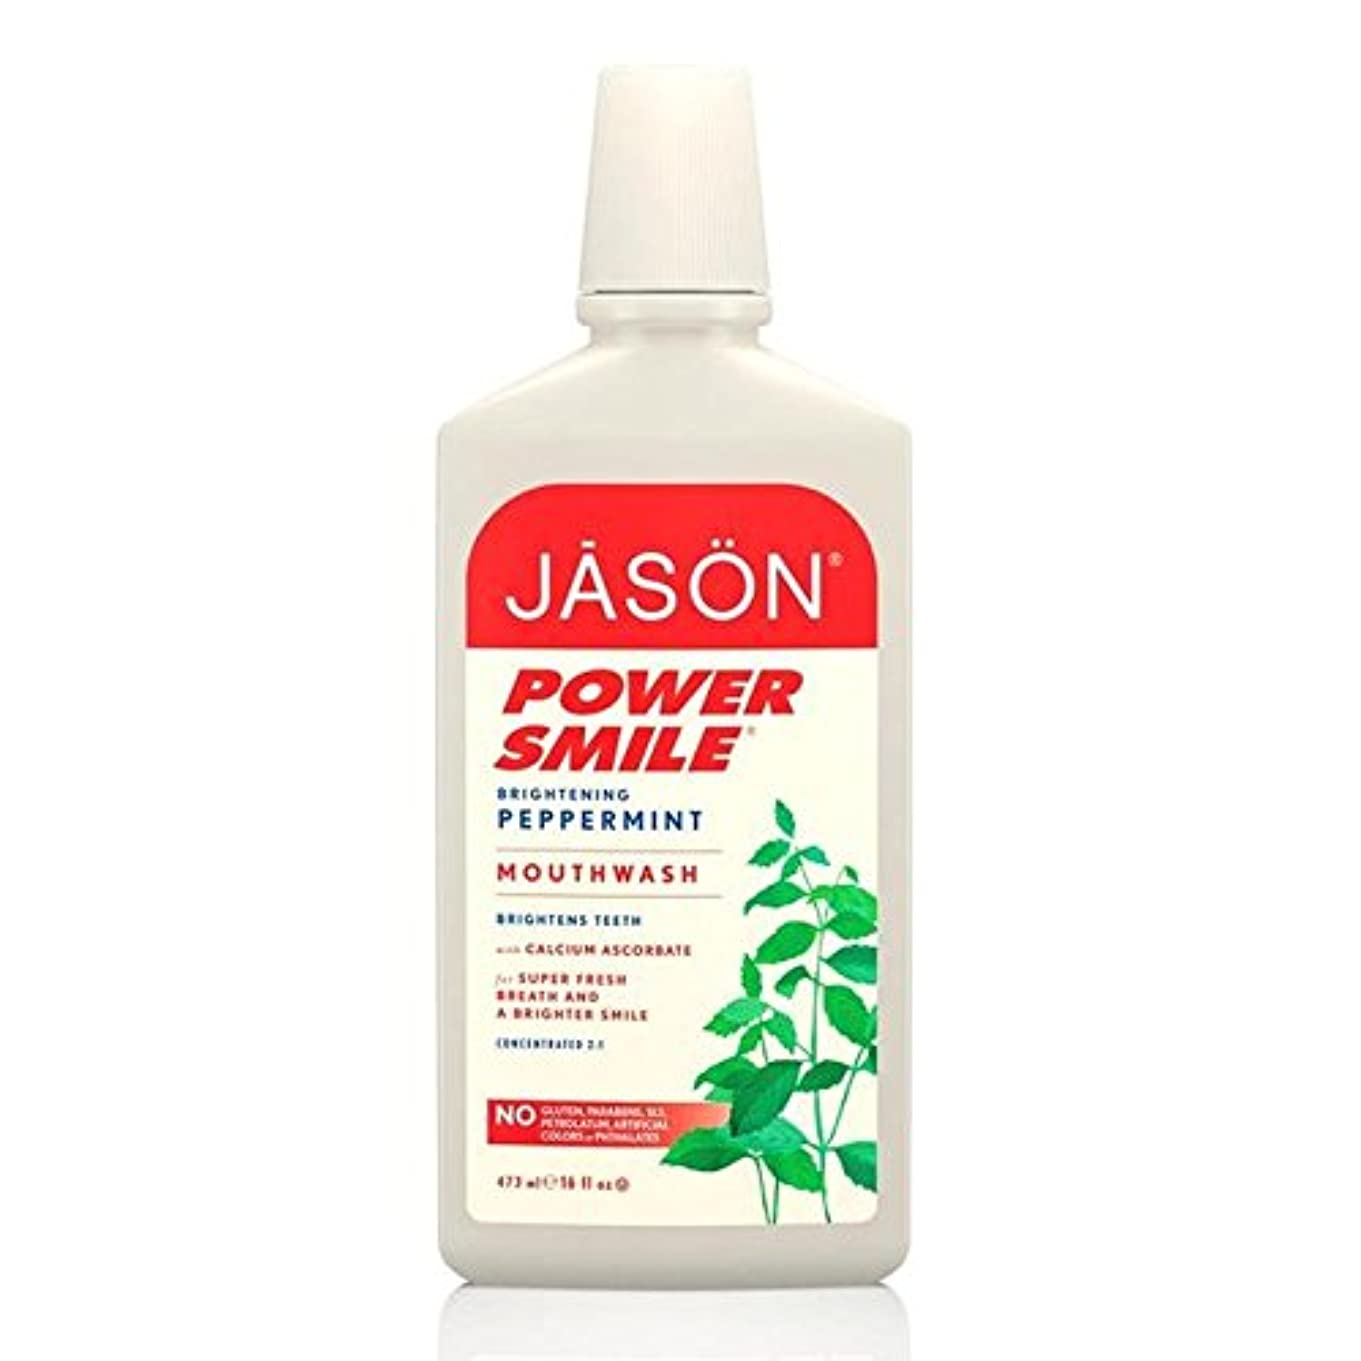 不機嫌重要な役割を果たす、中心的な手段となる該当するJason Powersmile Mouthwash 480ml - ジェイソンマウスウォッシュ480ミリリットル [並行輸入品]